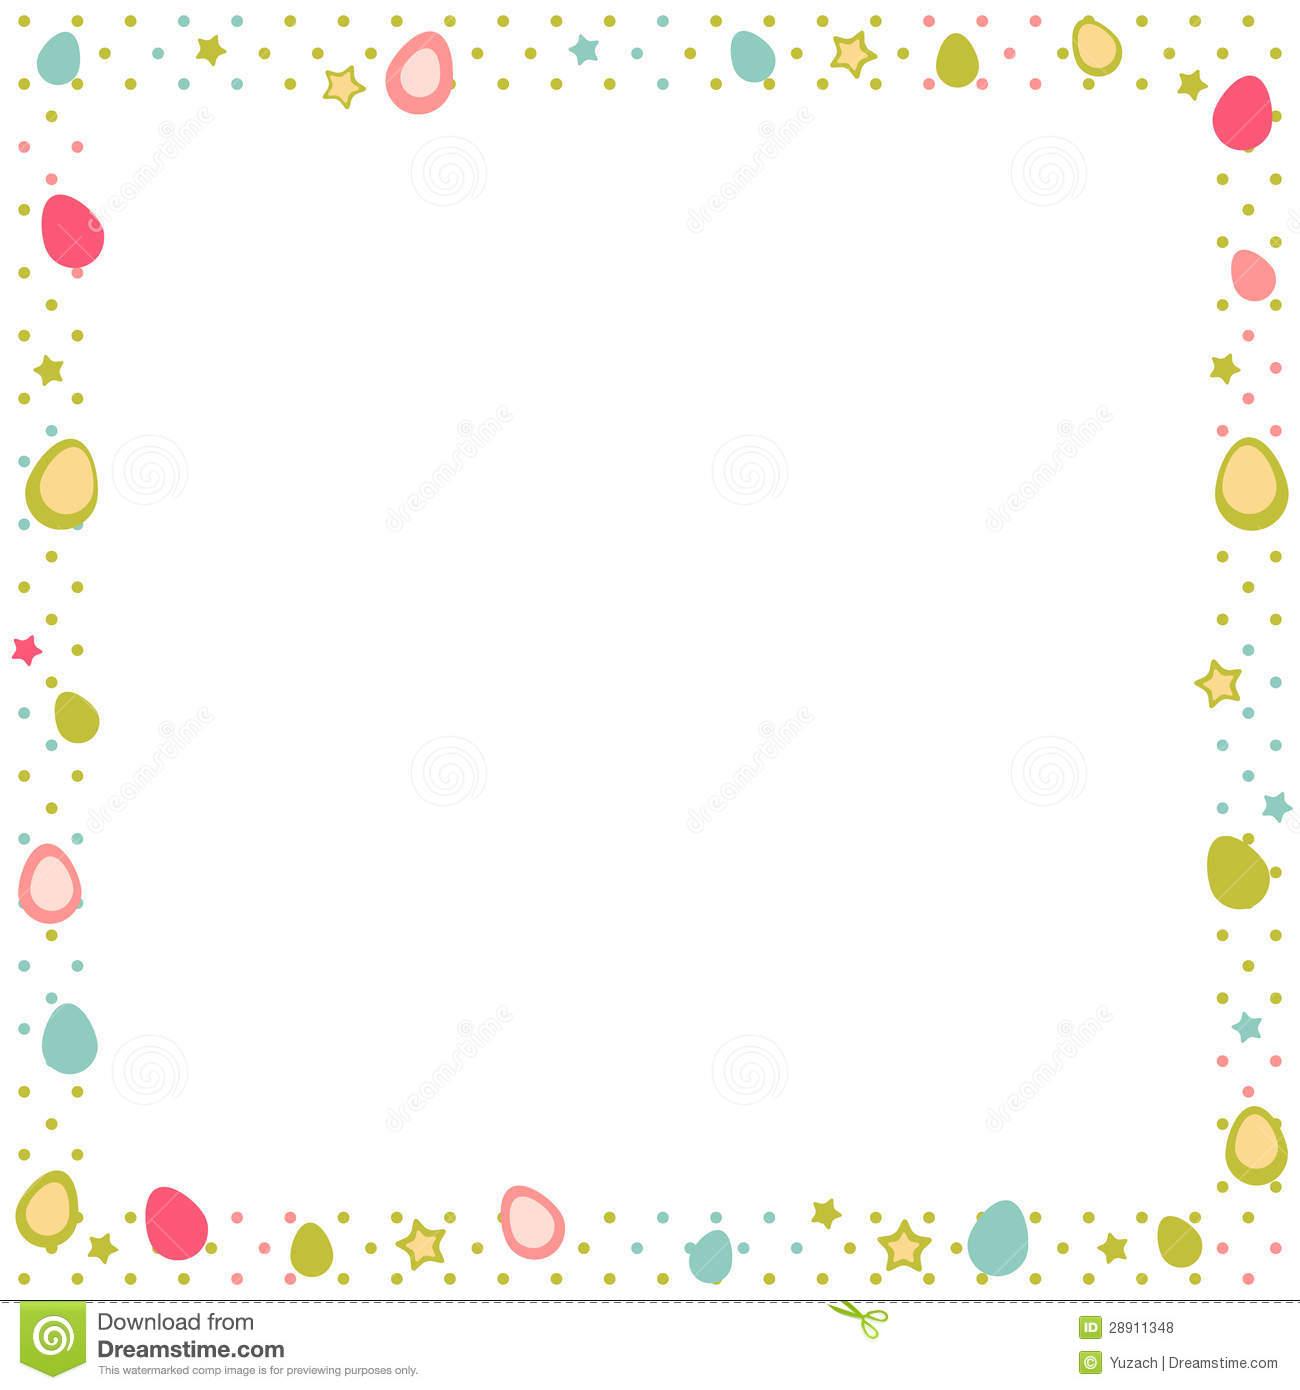 Polka Dot Frame Border Clipart - Clipart Kid